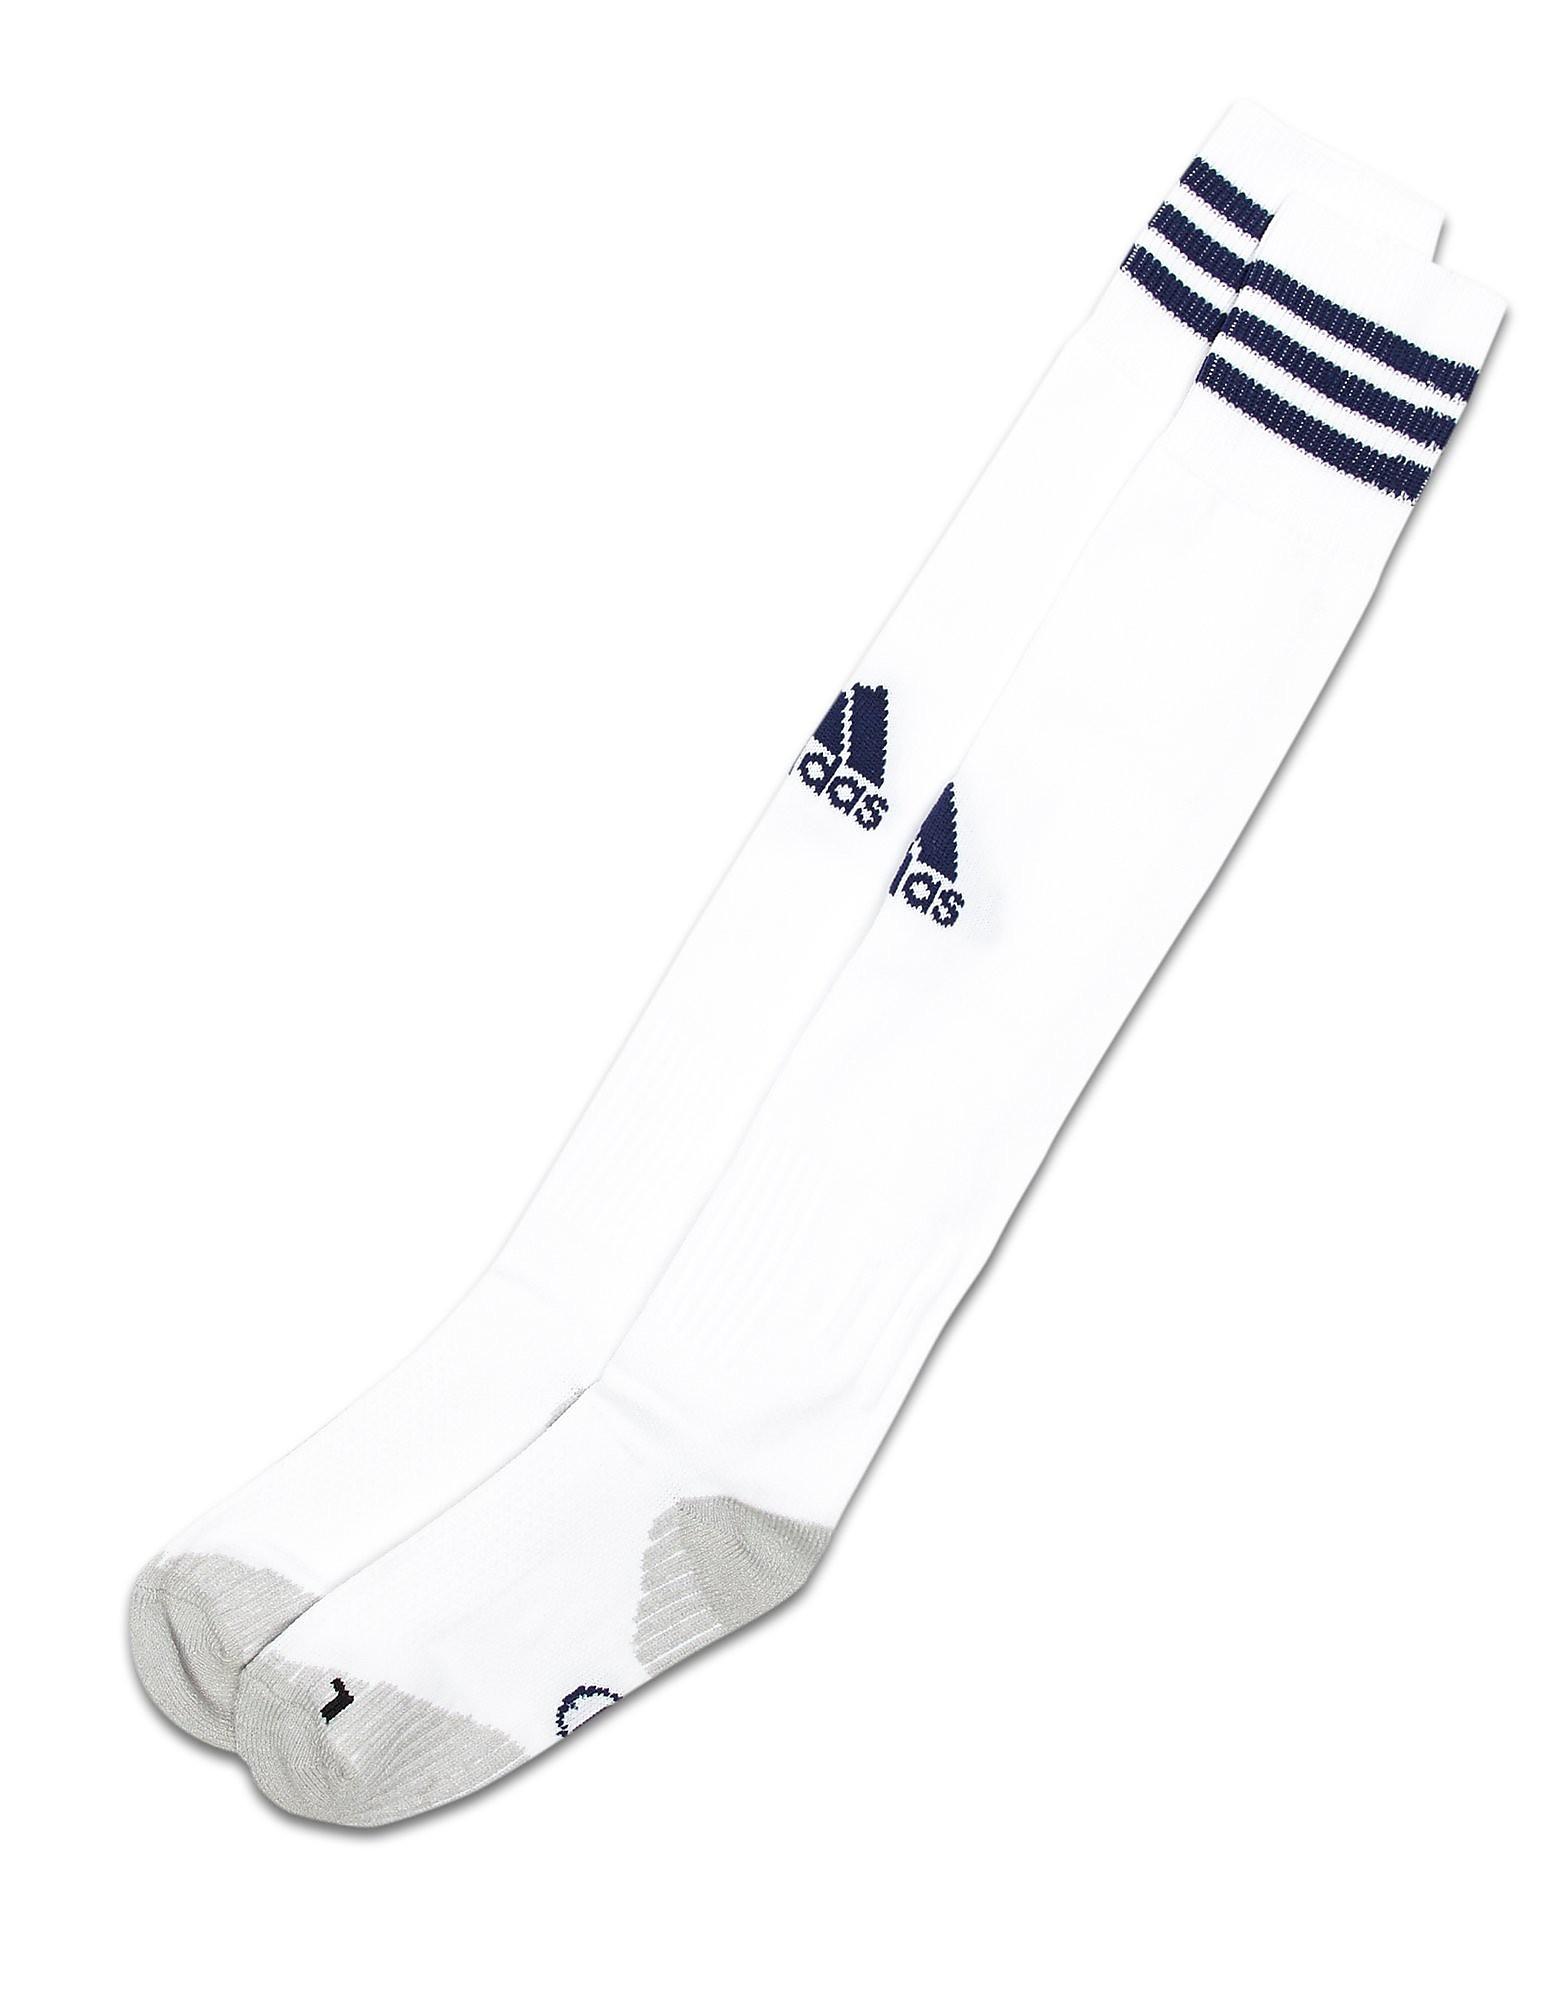 adidas calcetines West Bromwich Albion 2017/18 1.ª equipación júnior